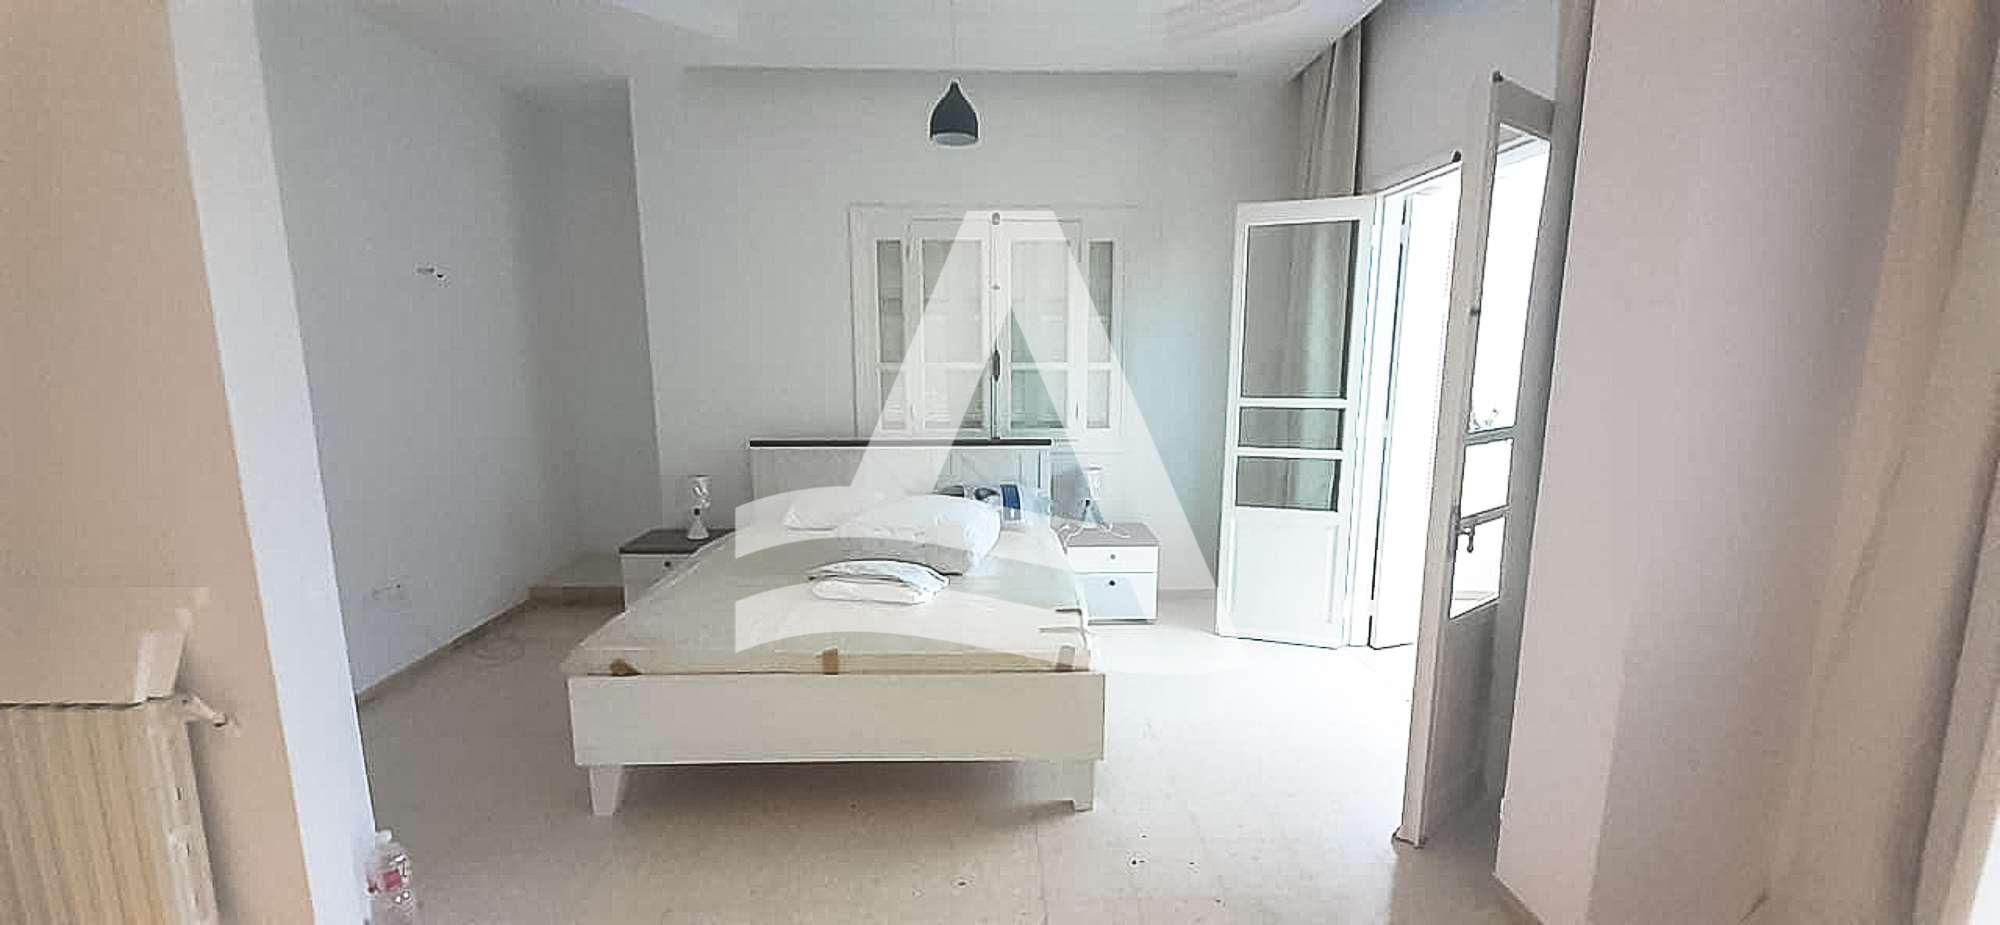 httpss3.amazonaws.comlogimoaws_Arcane_immobilière_la_Marsa-_location_-_vente_la_marsa__-2_1583429652946-2